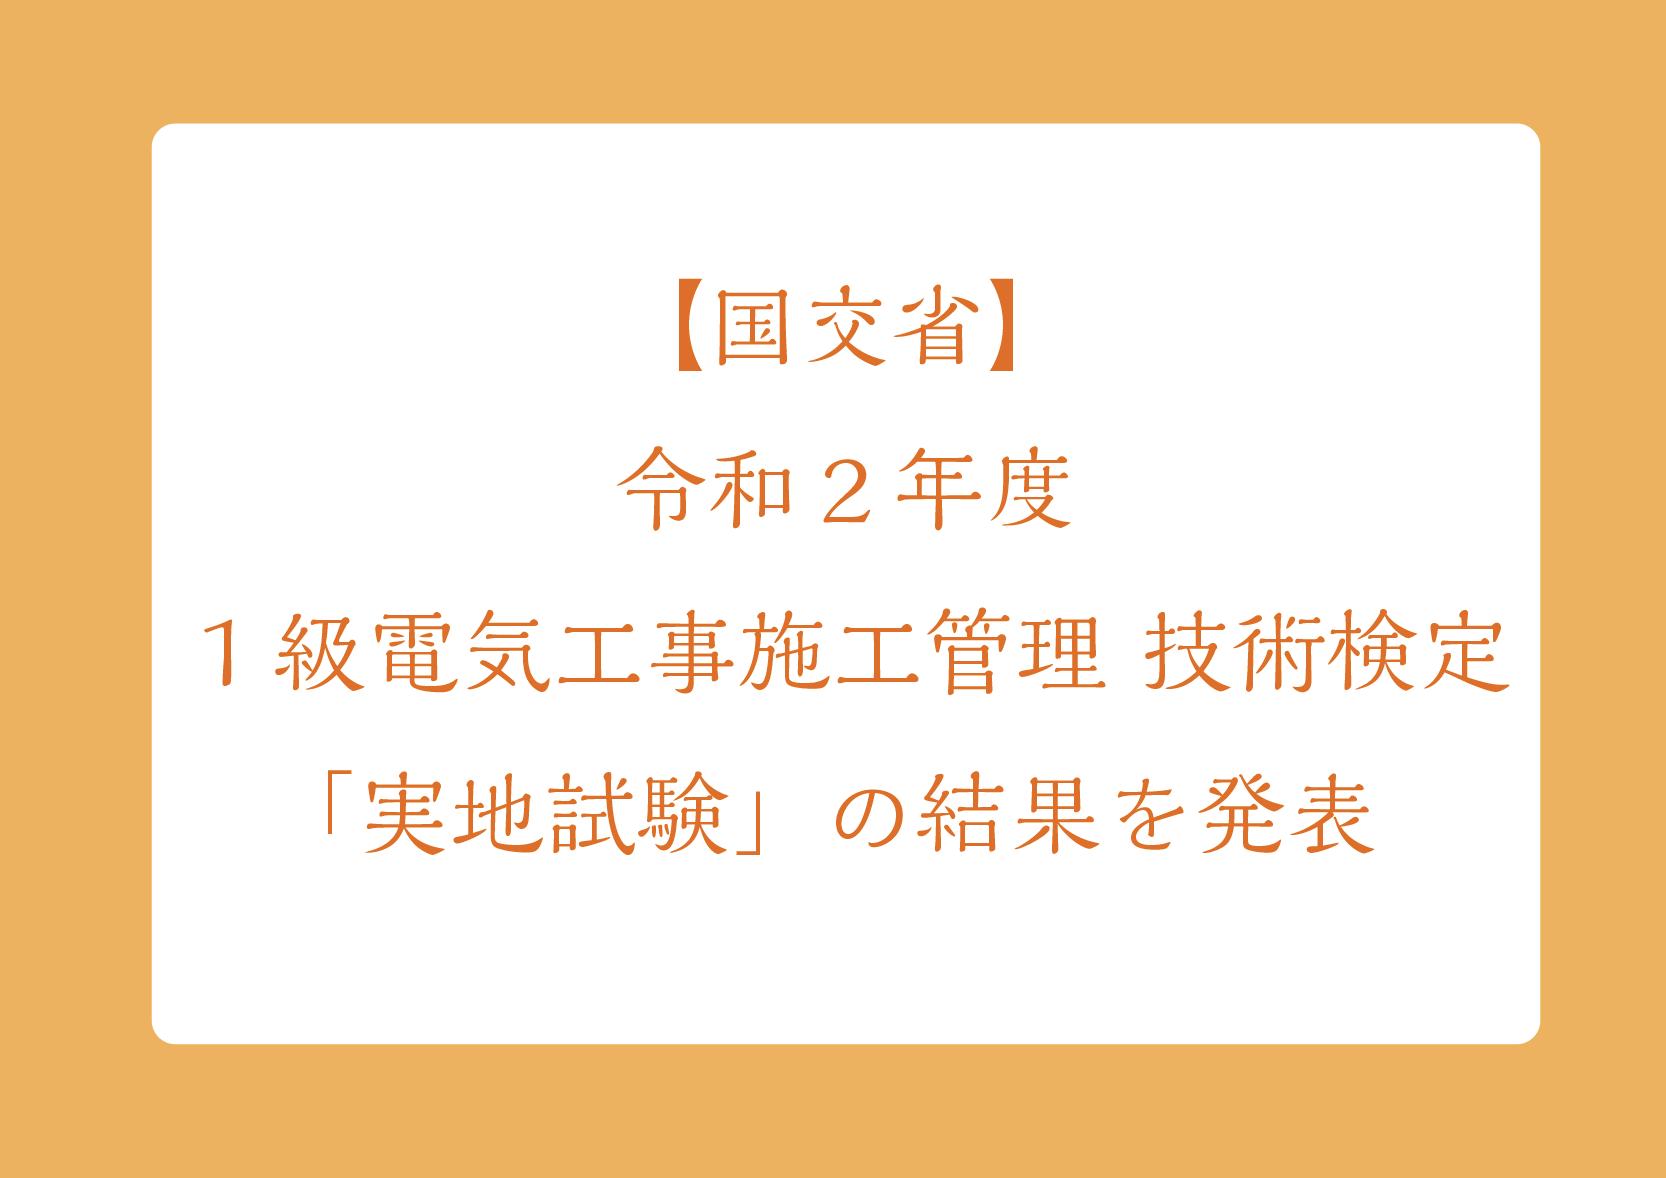 【国交省】令和2年度1級電気工事施工管理 技術検定「実地試験」の結果を発表の画像